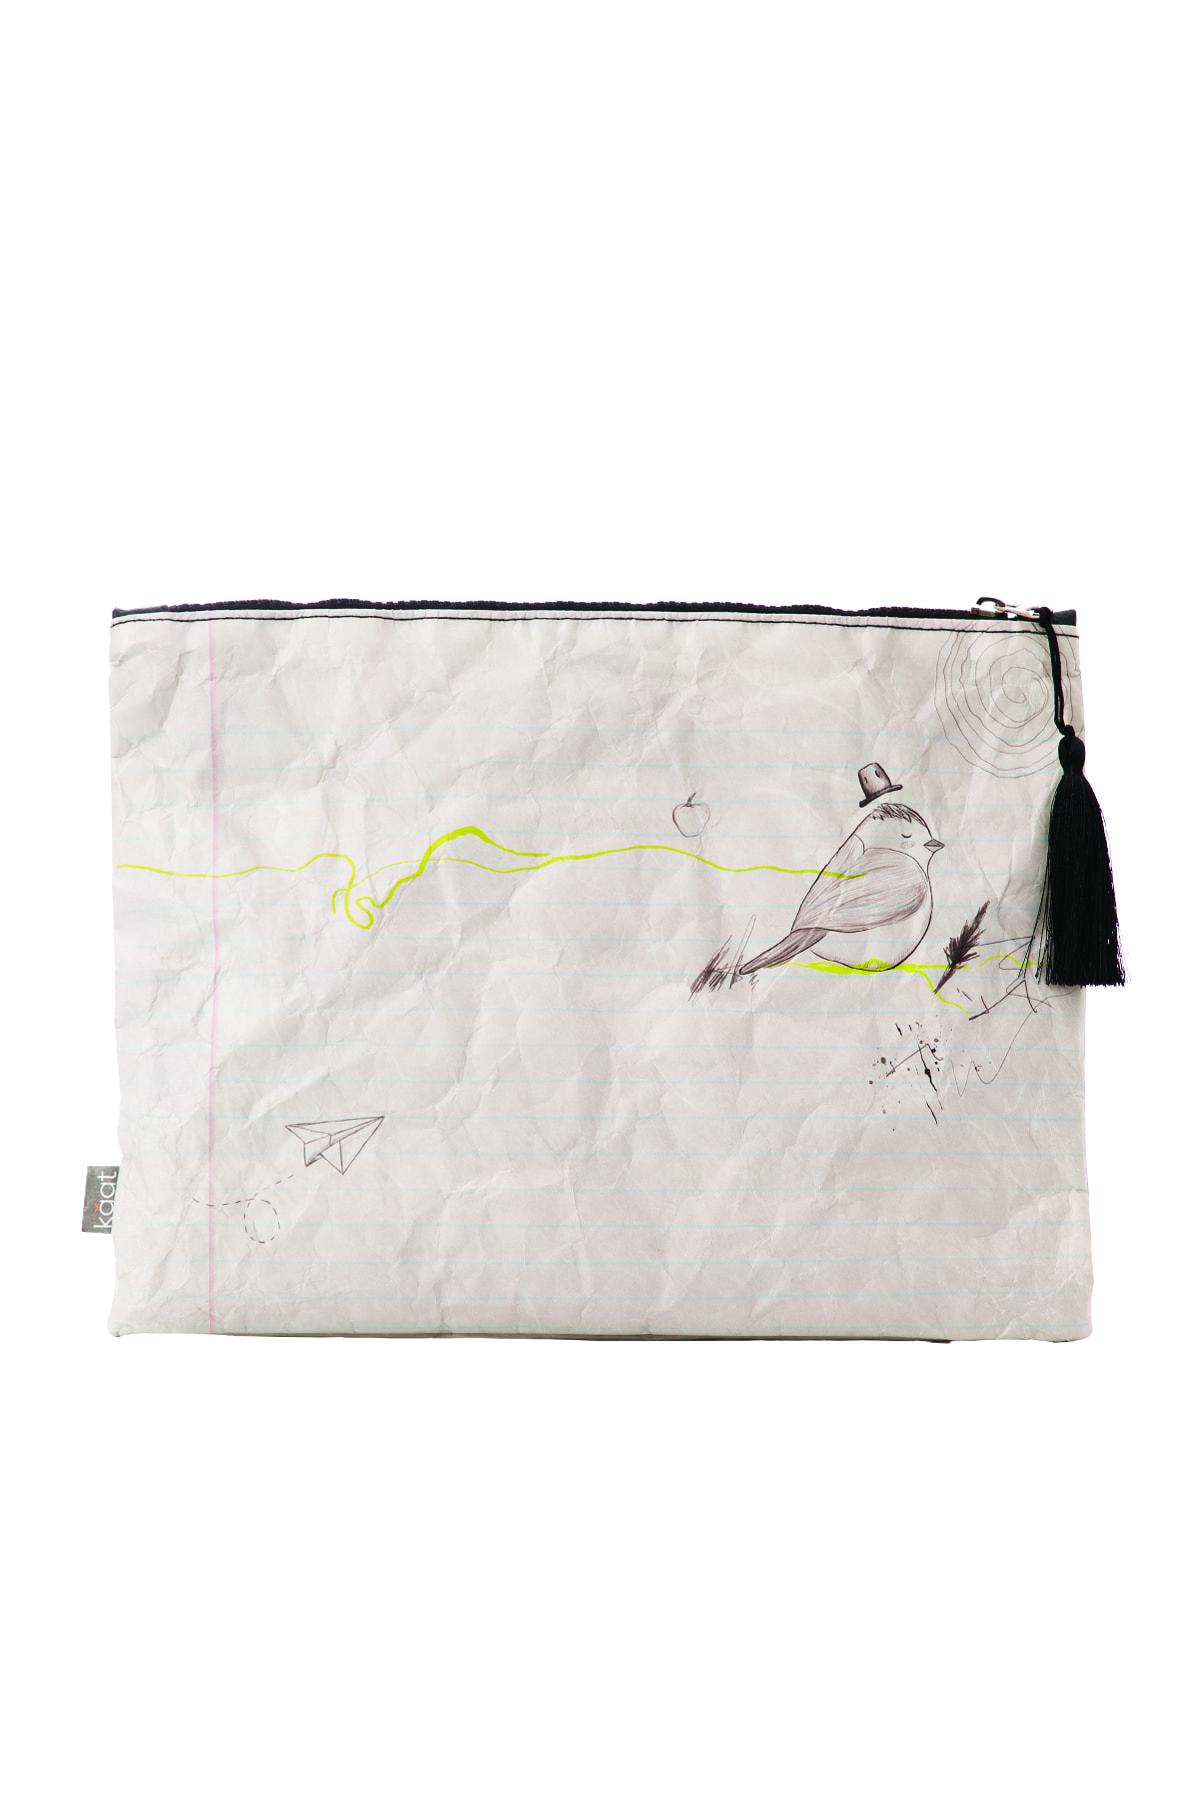 Kaat %100 Geri Dönüşümlü, Su Geçirmeyen, Yırtılmayan Kağıttan, Defter Tasarımlı, Beyaz Portföy (Clutch) 1